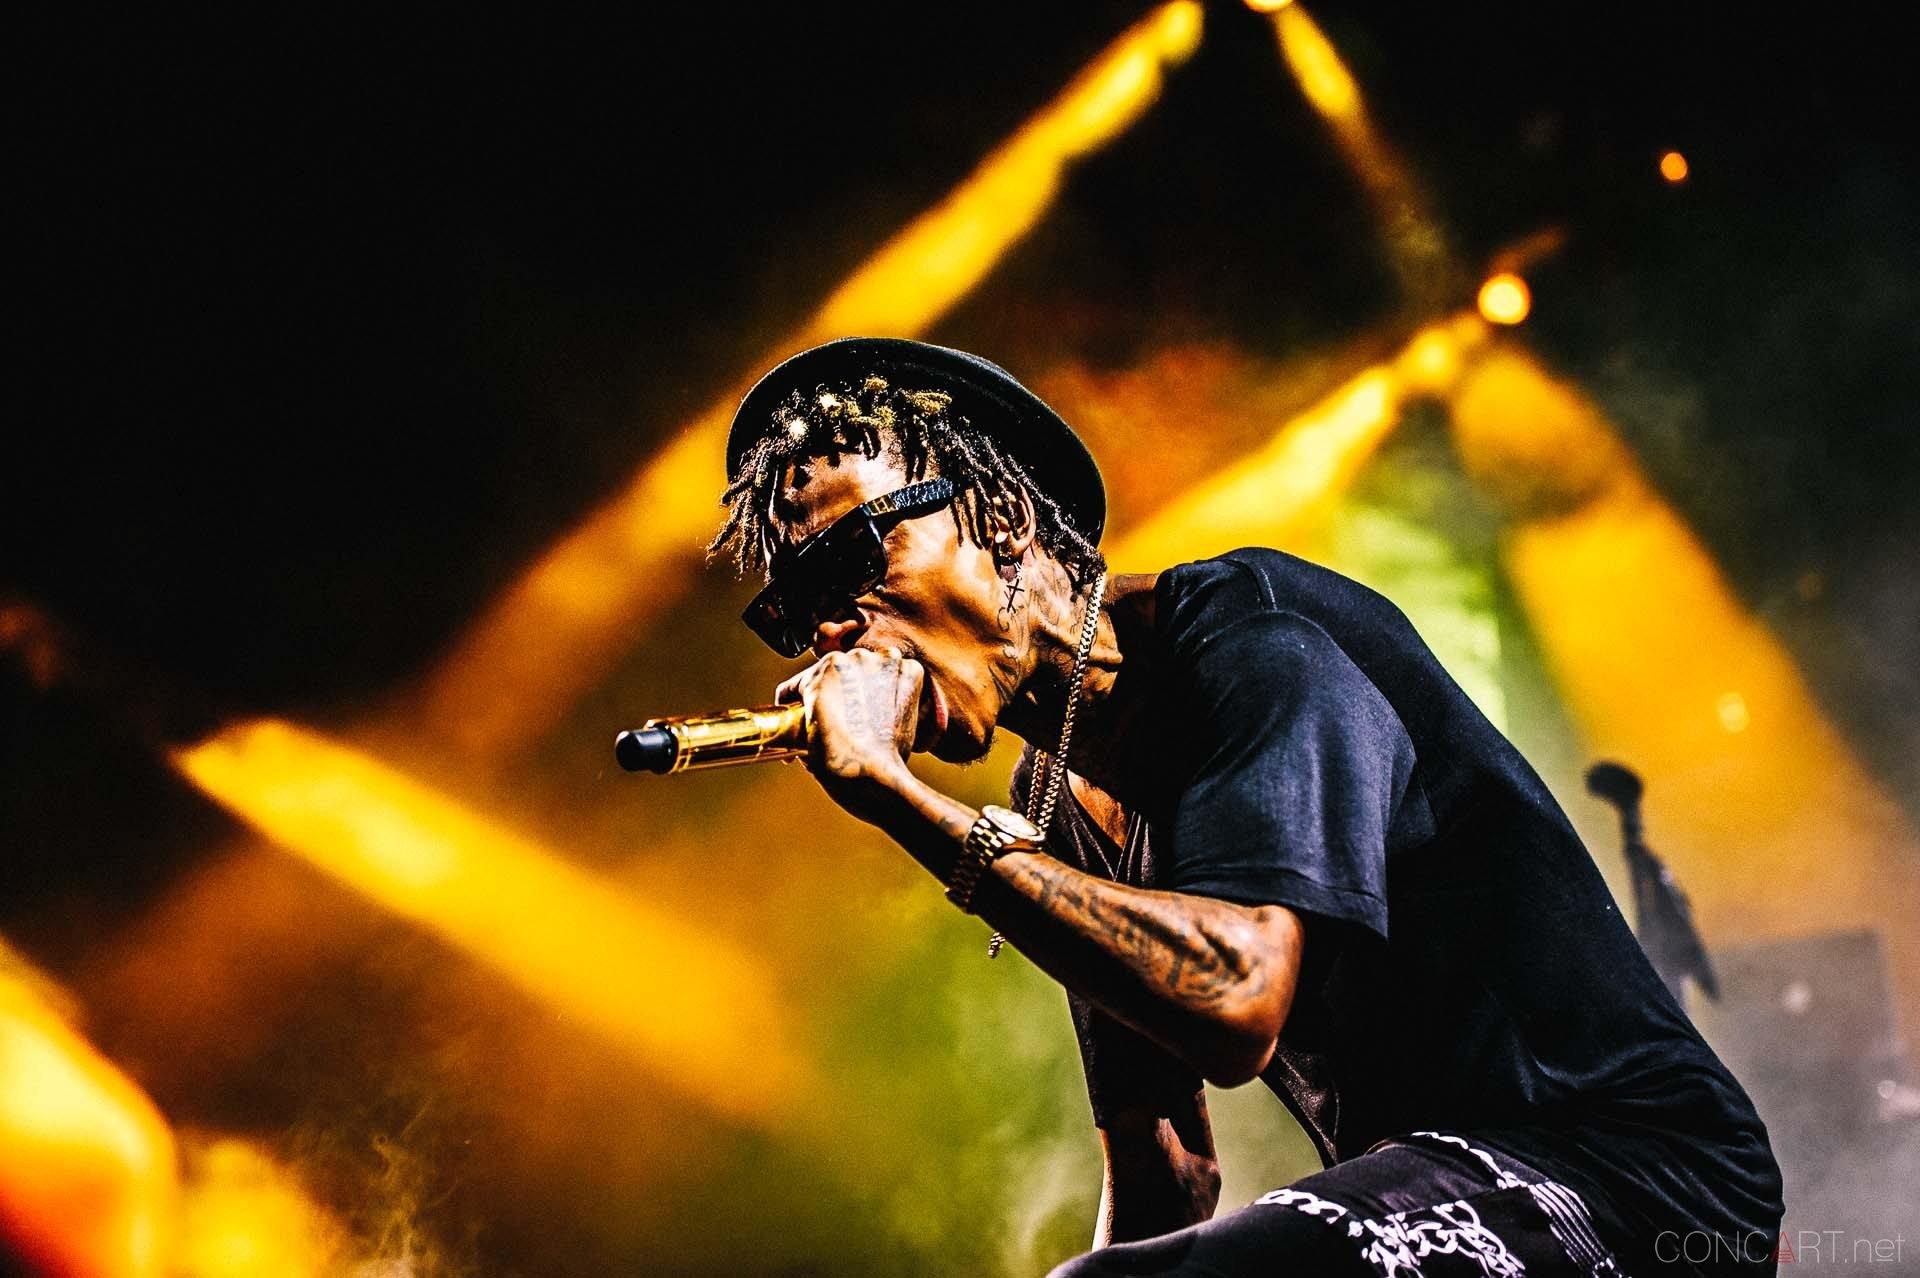 Copy of Wiz Khalifa photo by Sean Molin